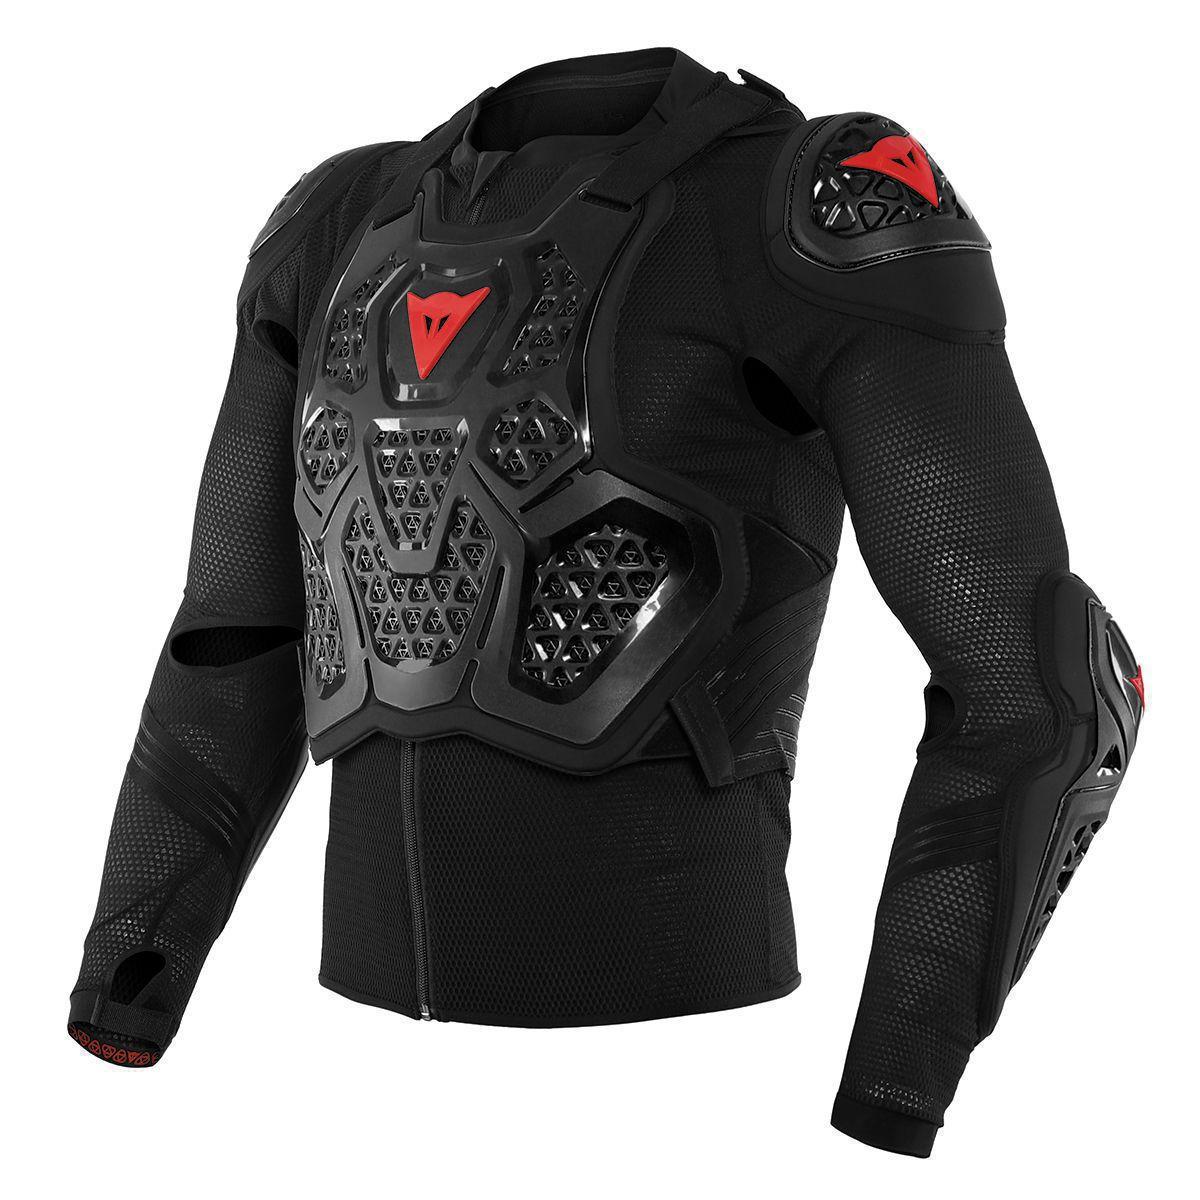 Dainese MX 2 Safety Jacket Black S